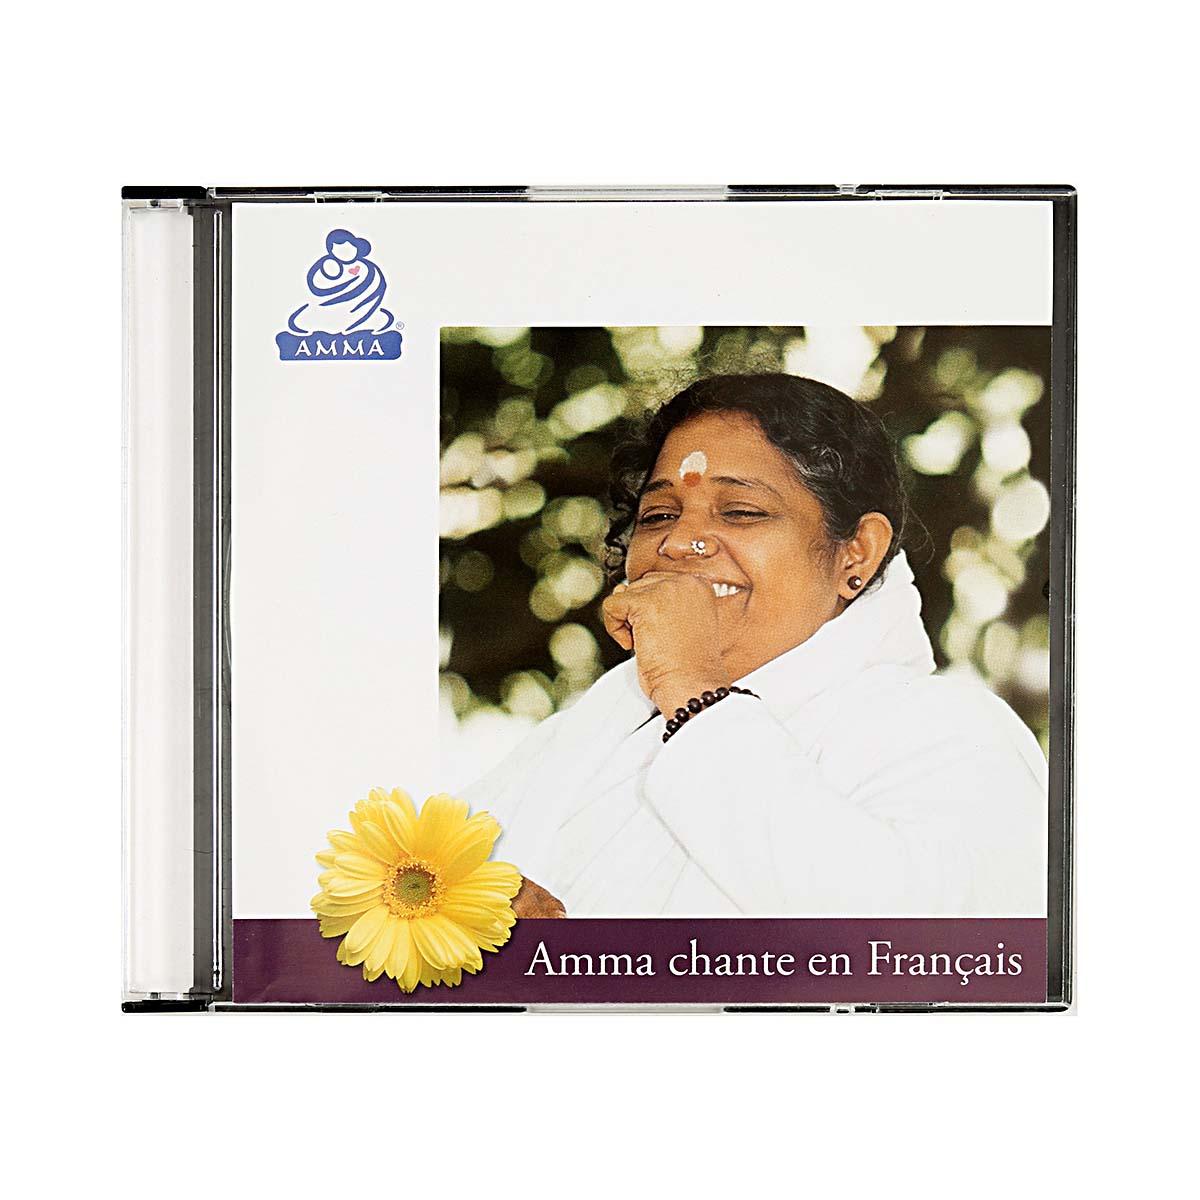 CD français